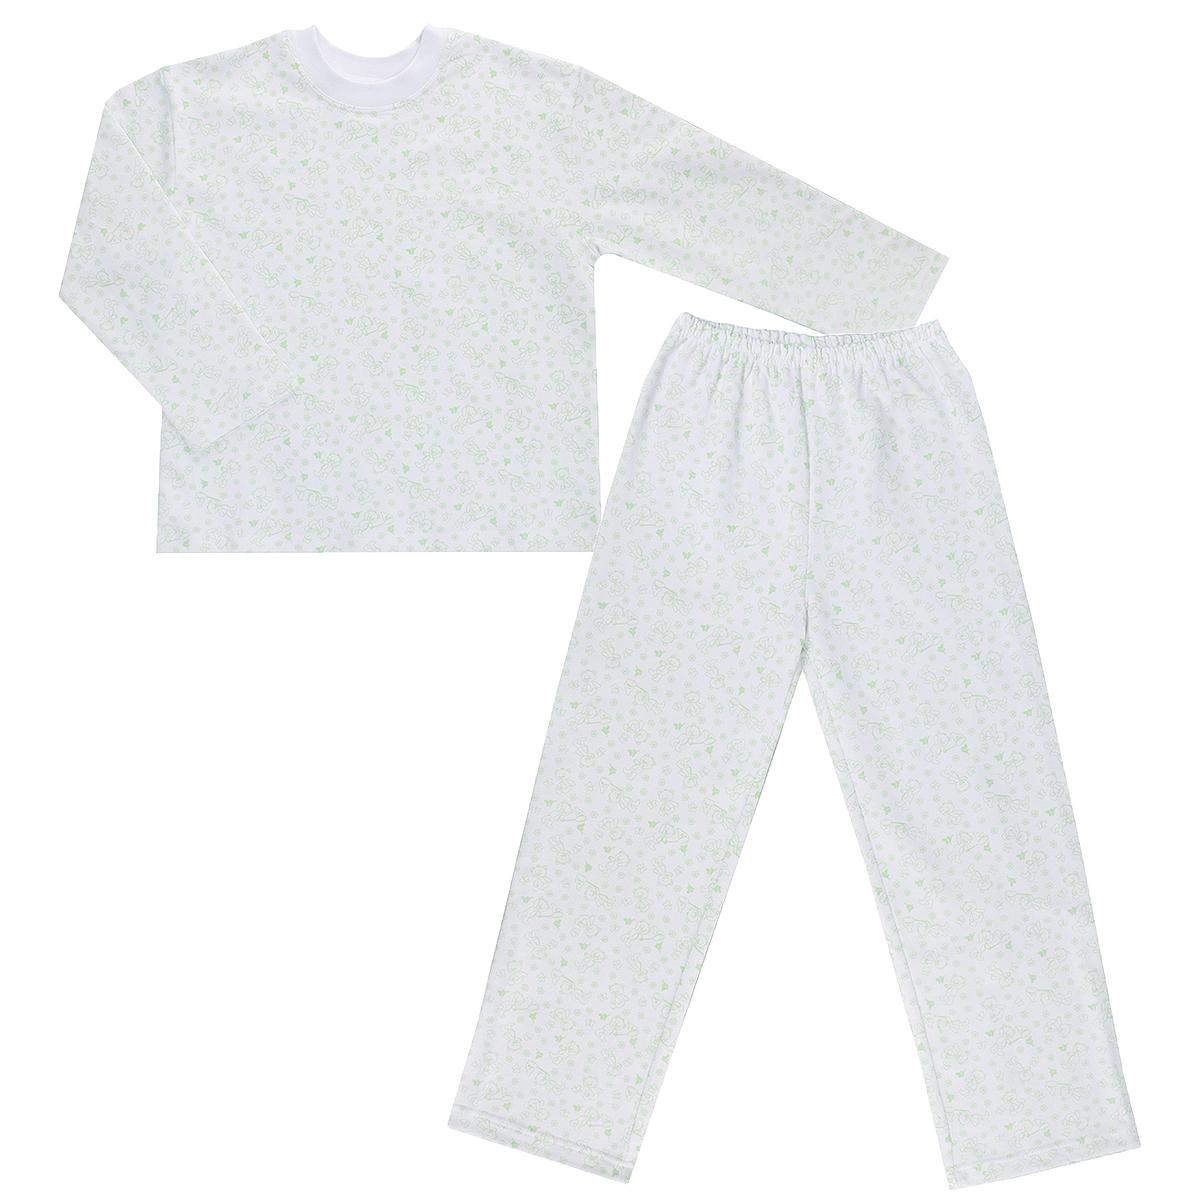 Пижама детская Трон-плюс, цвет: белый, салатовый, рисунок мишки. 5553. Размер 134/140, 9-12 лет